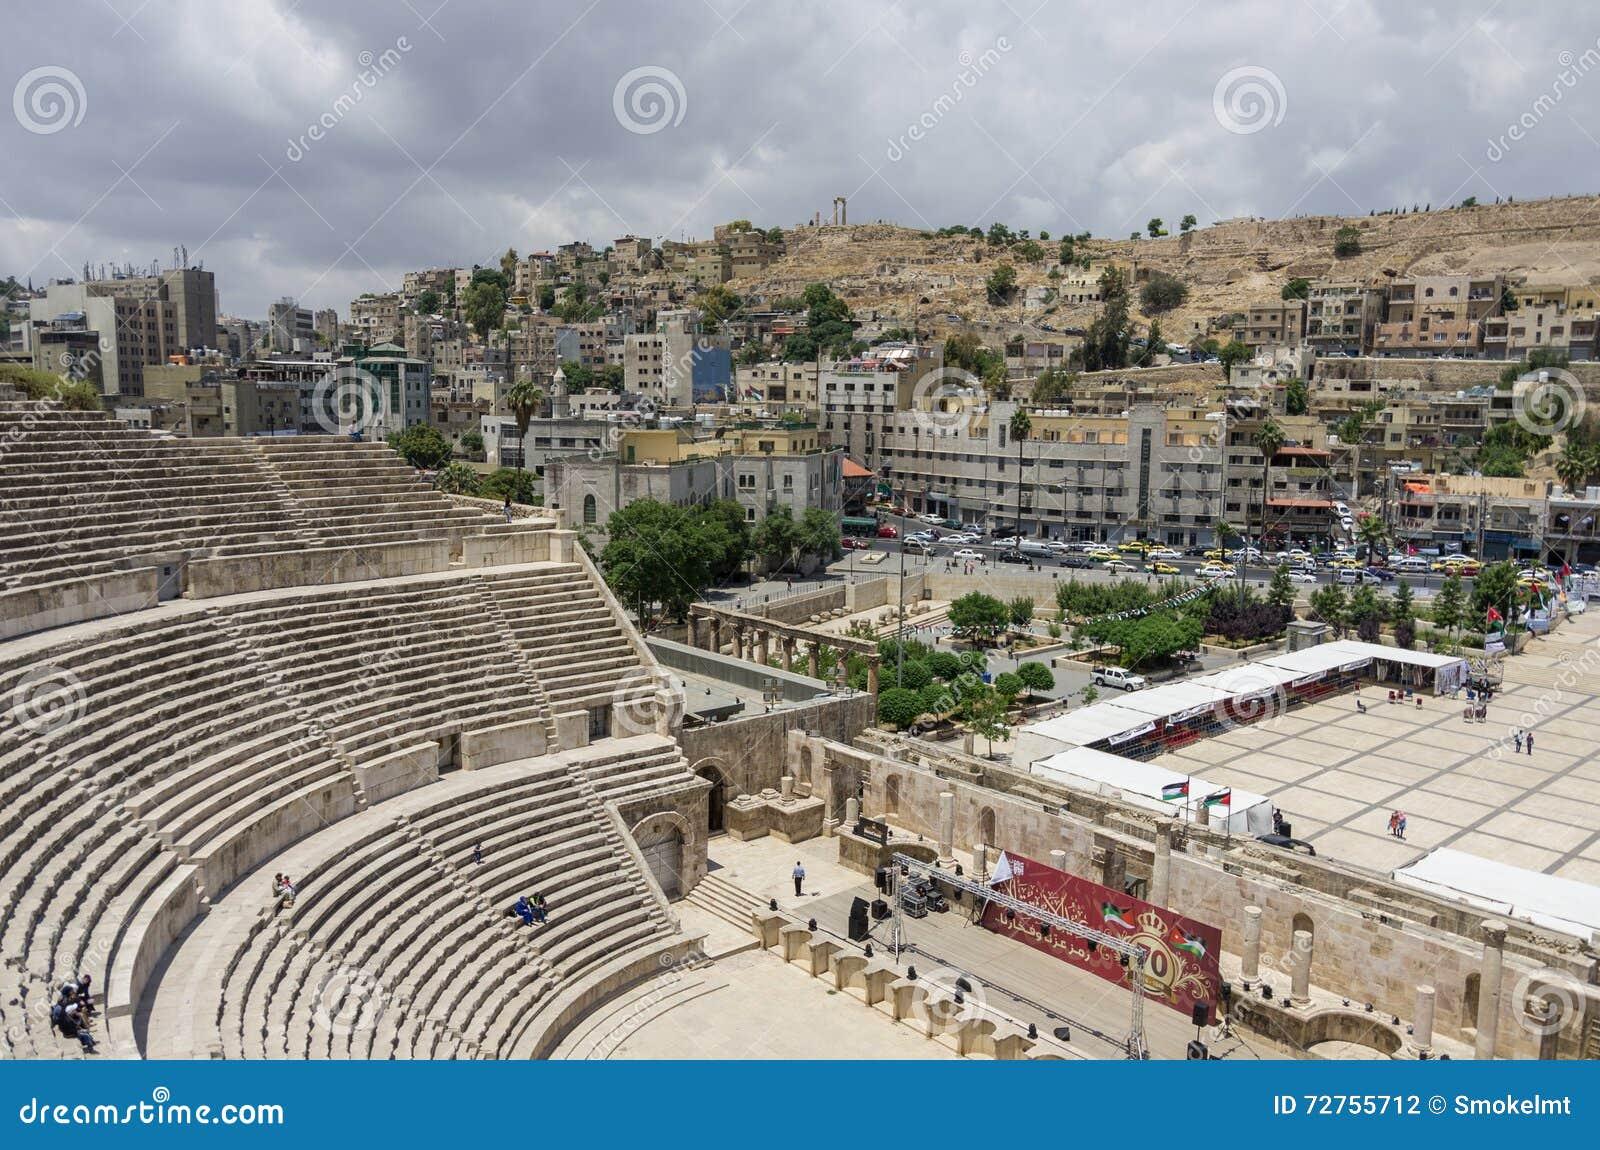 Amman, Jordânia - 28 de maio de 2016: Anfiteatro romano dentro na cidade com